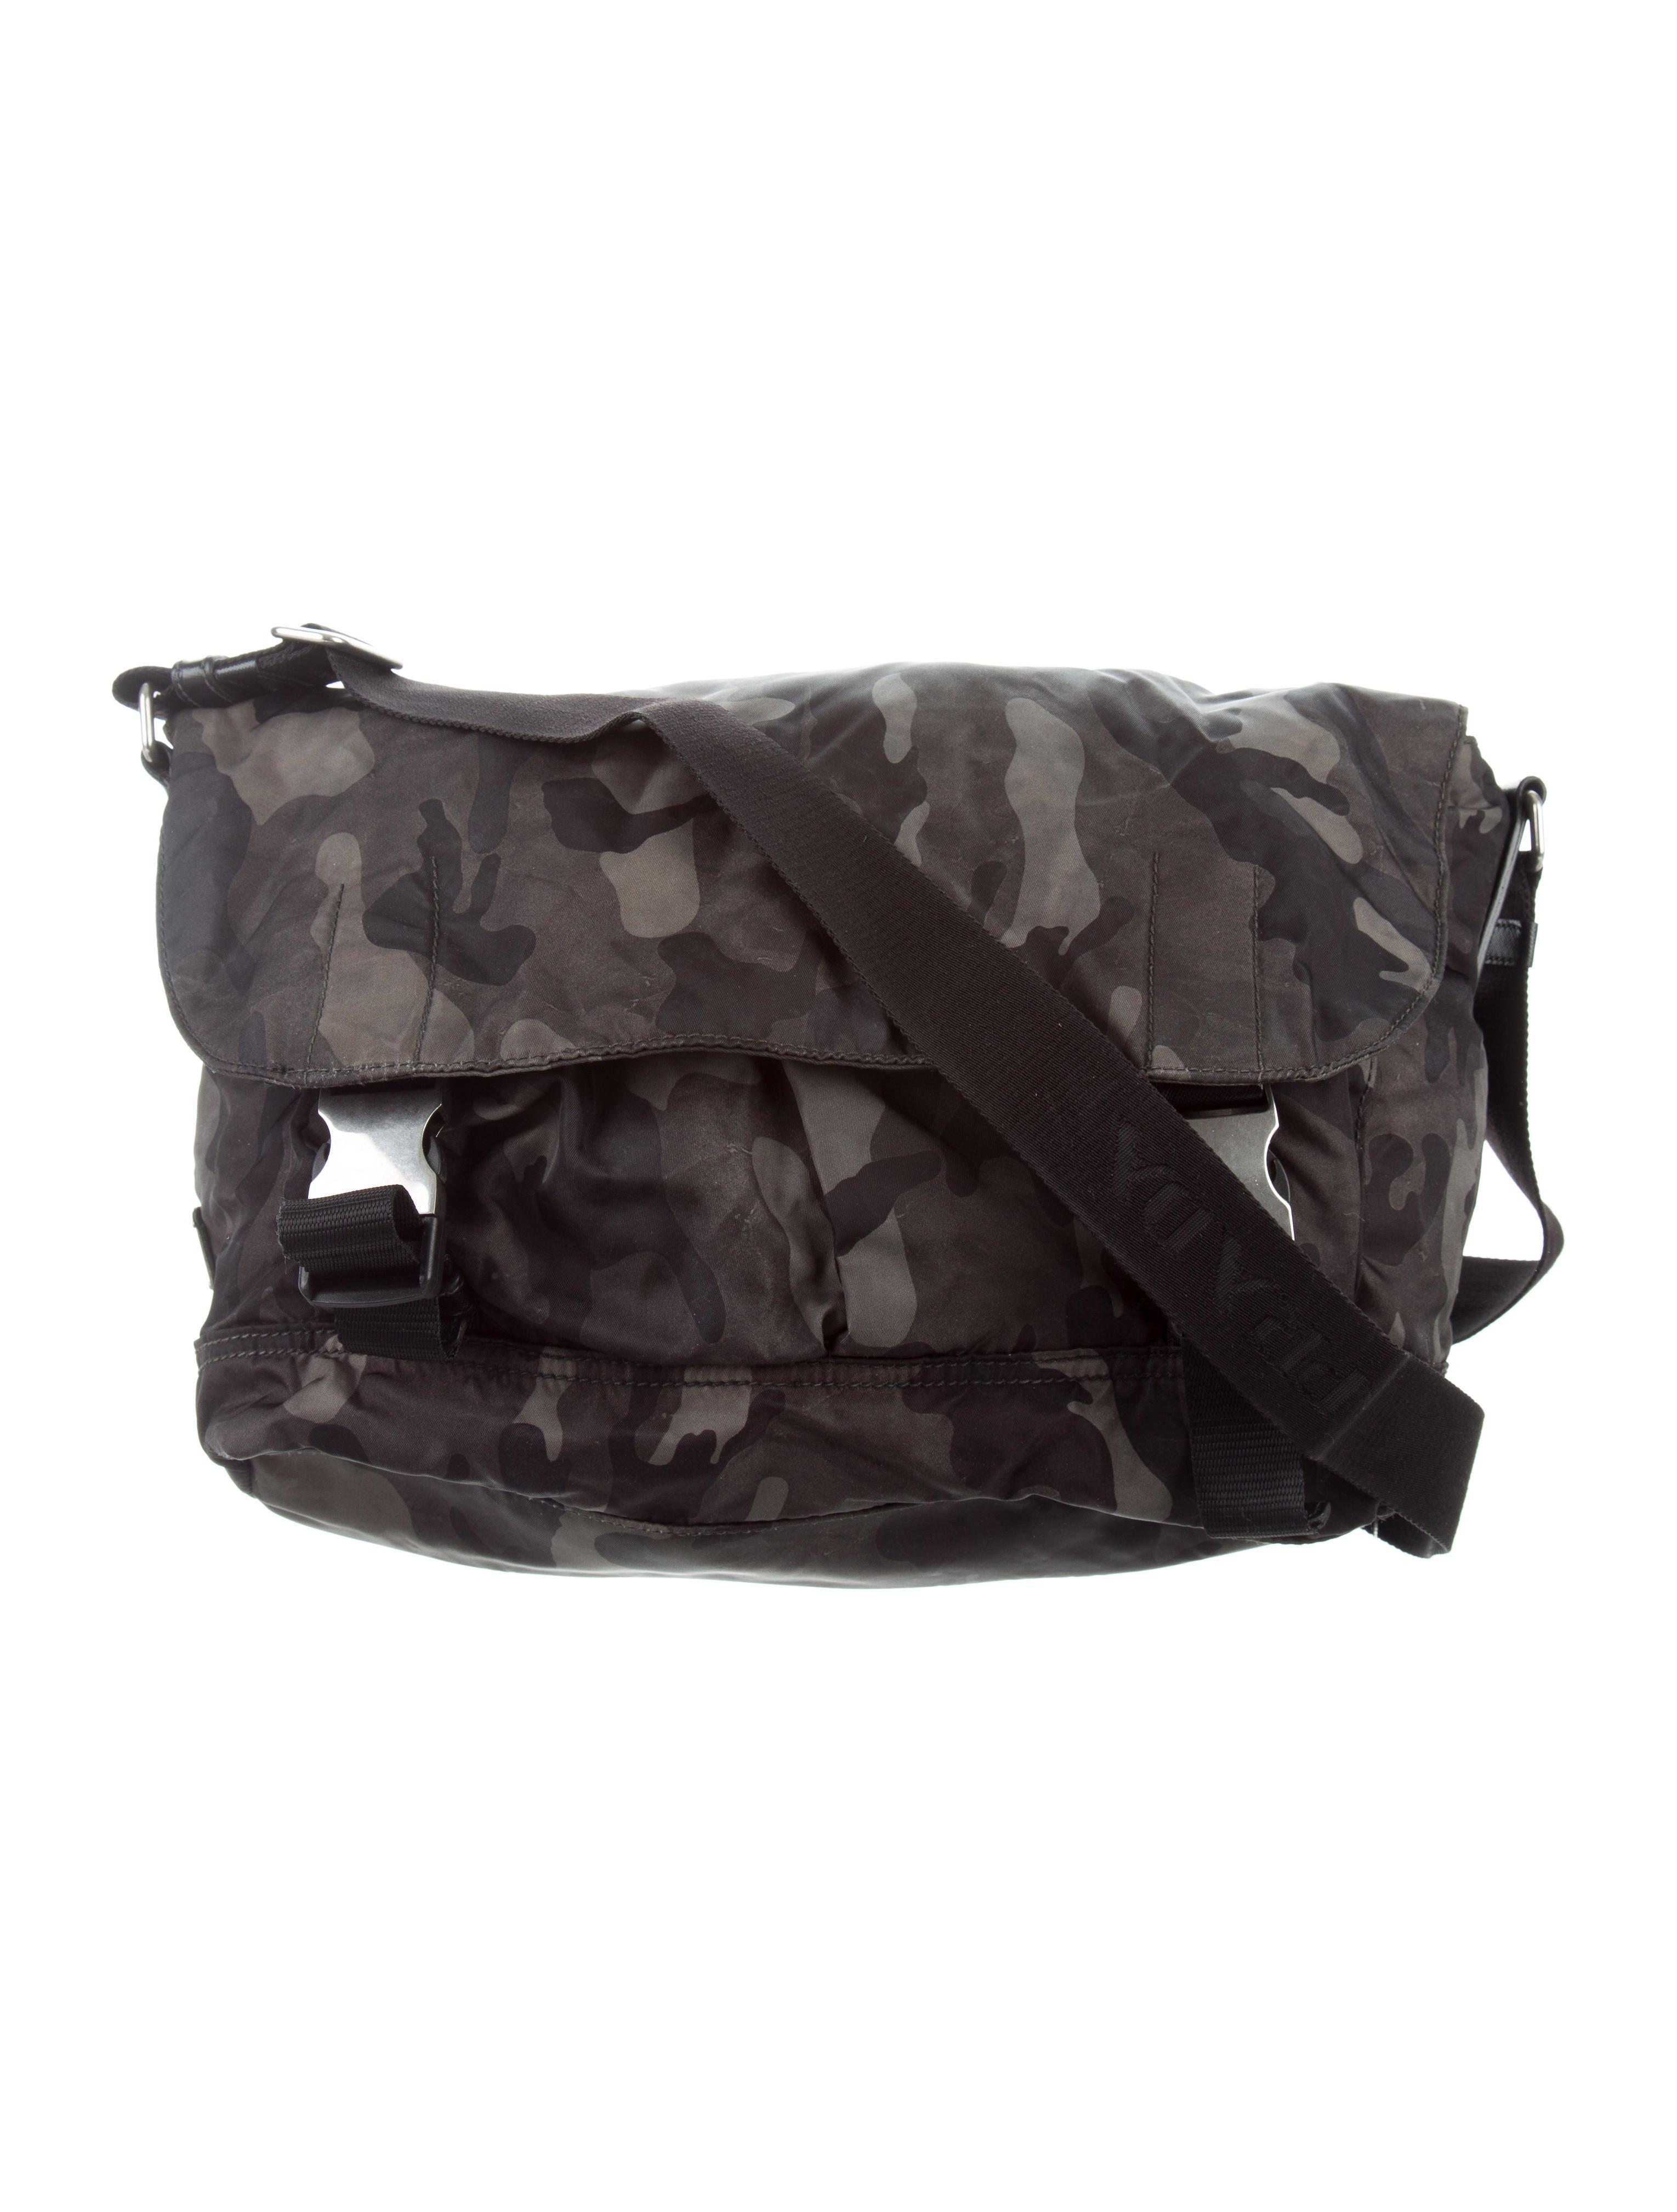 d6cc34f0ab Prada Camouflage Messenger Bag - Bags - PRA168751